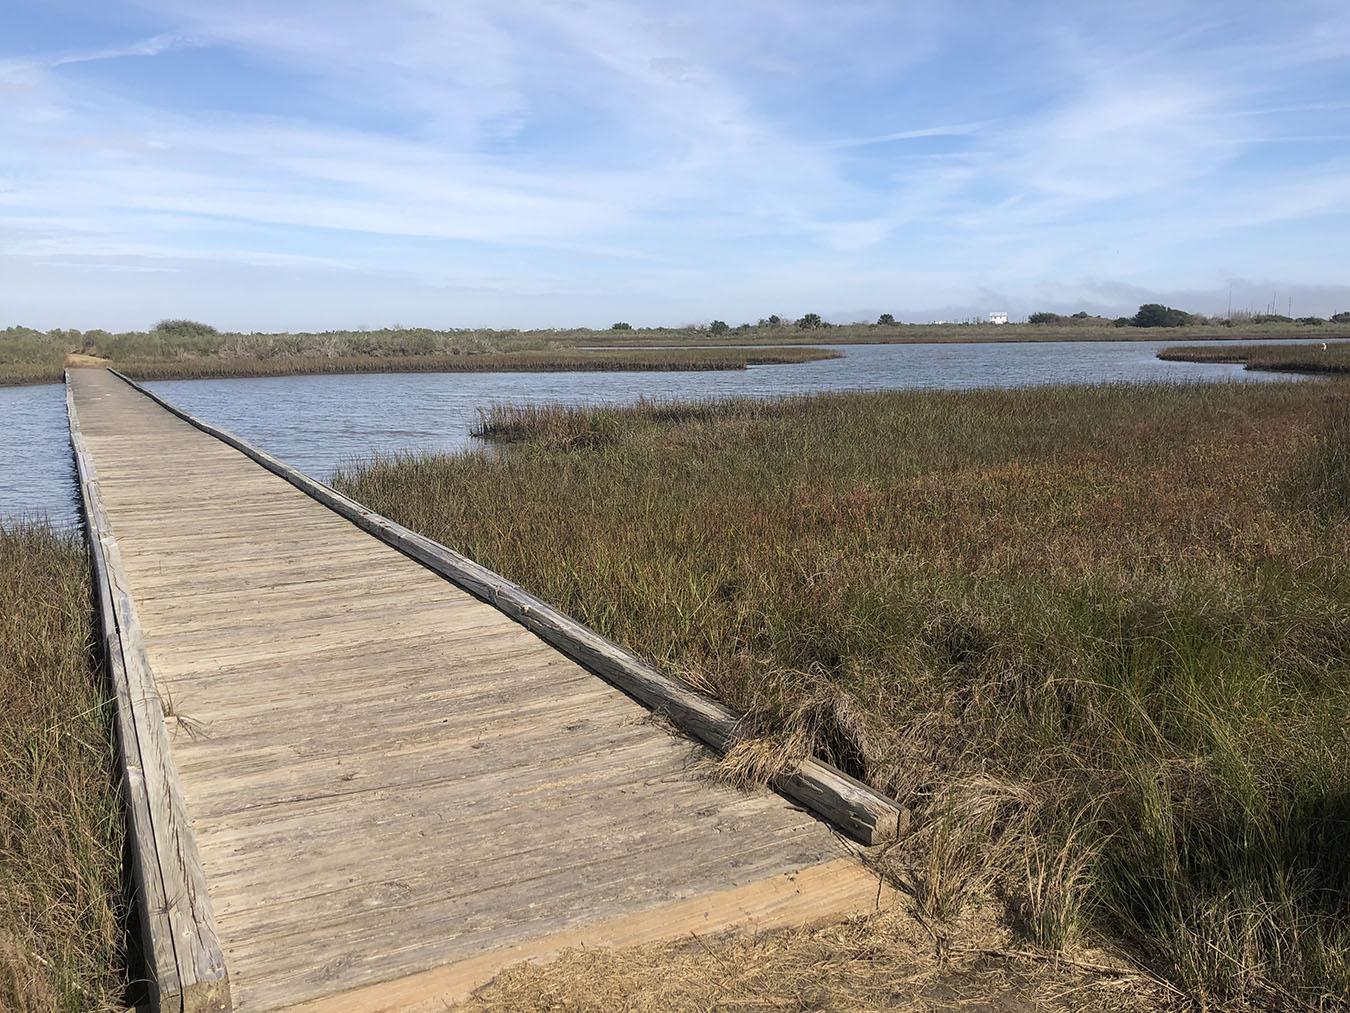 Galveston Island State Park Footbridge